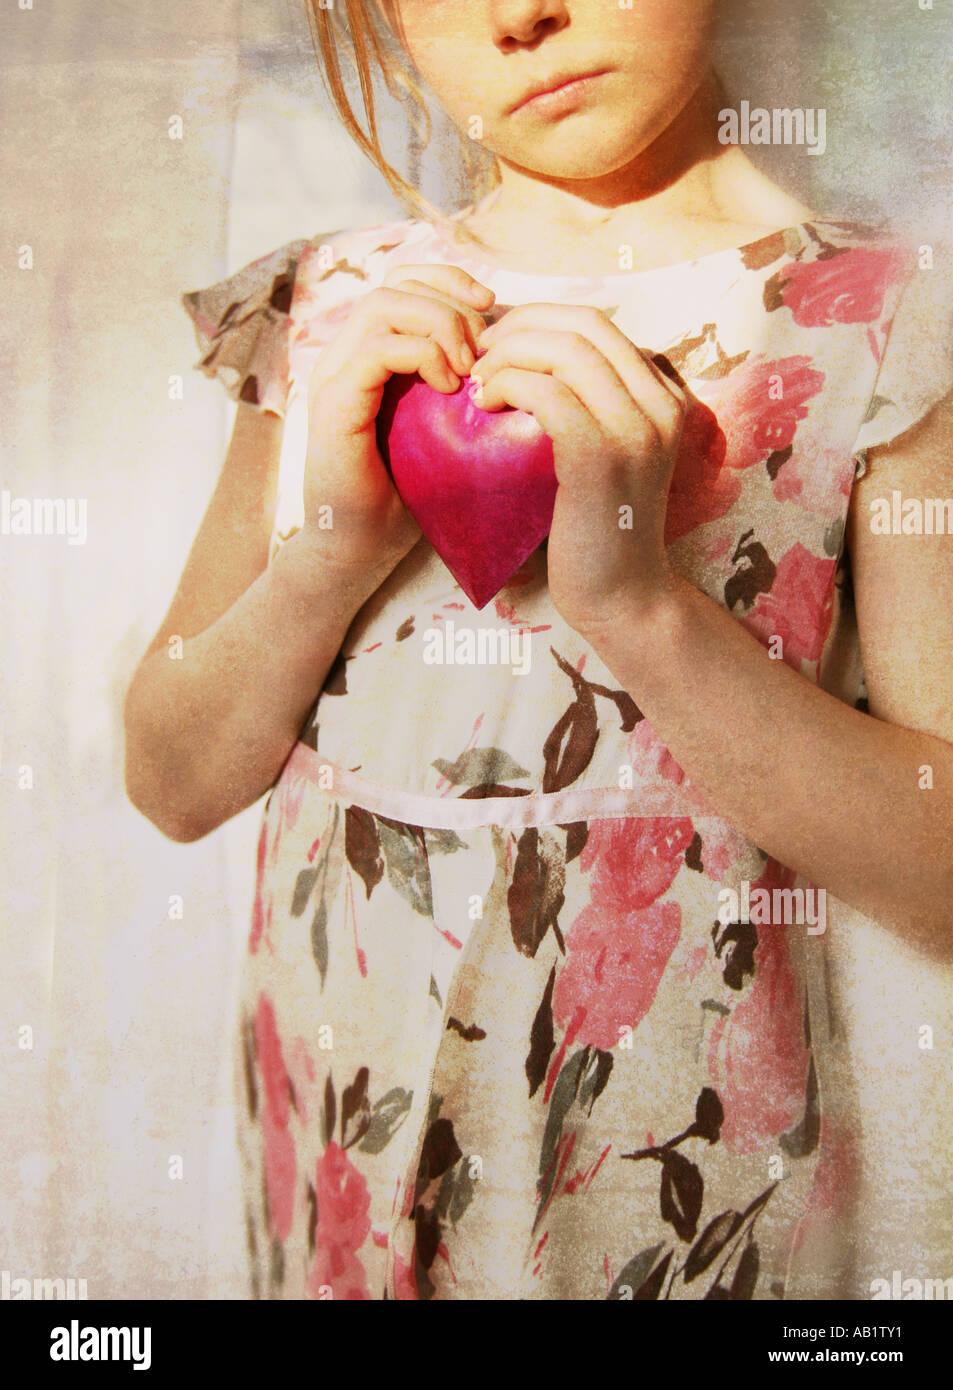 Una ragazza con un cuore rosa Immagini Stock